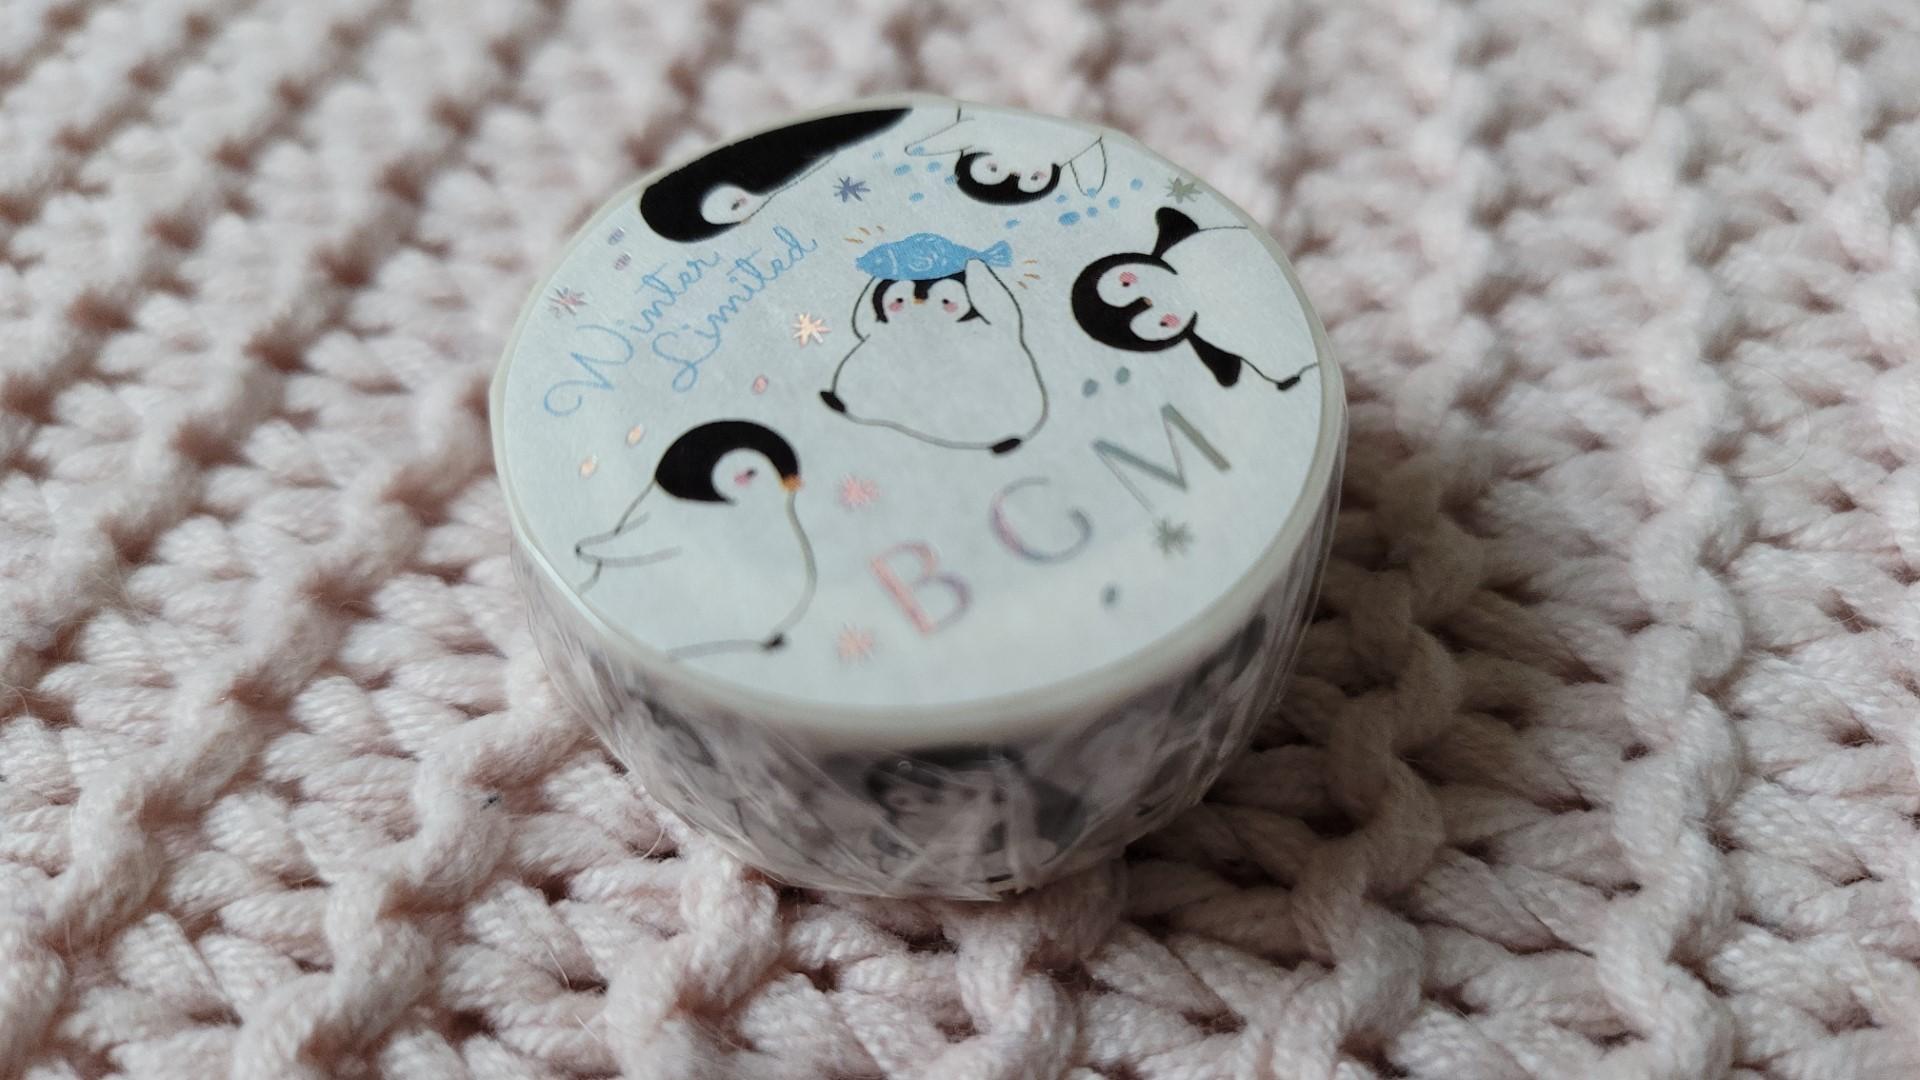 zenpop pack papeterie decembre joyeuses fetes washi tape pingouins BGM